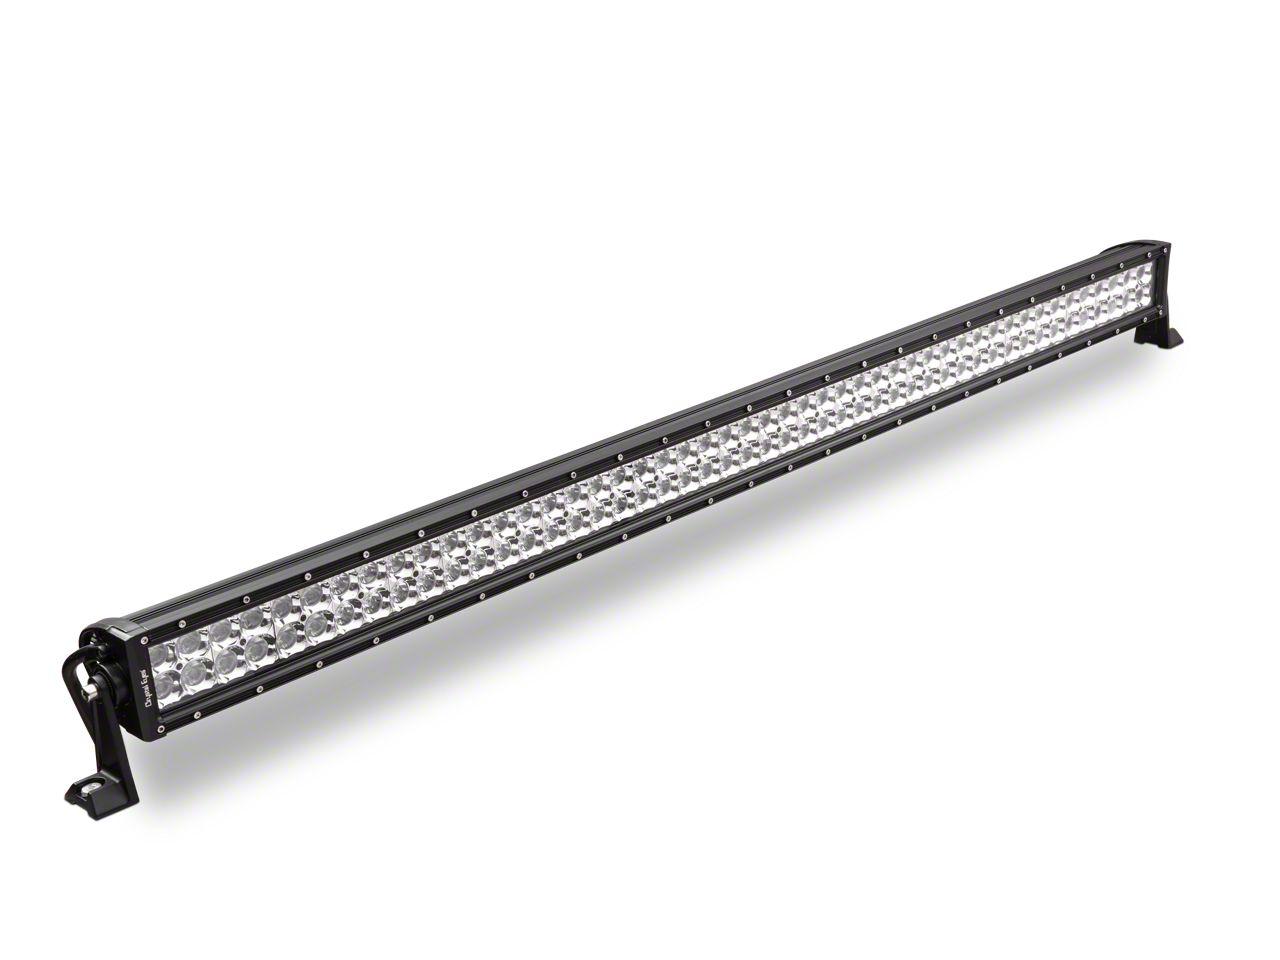 Alteon 50 in. 11 Series LED Light Bar - 30 & 60 Degree Flood Beam